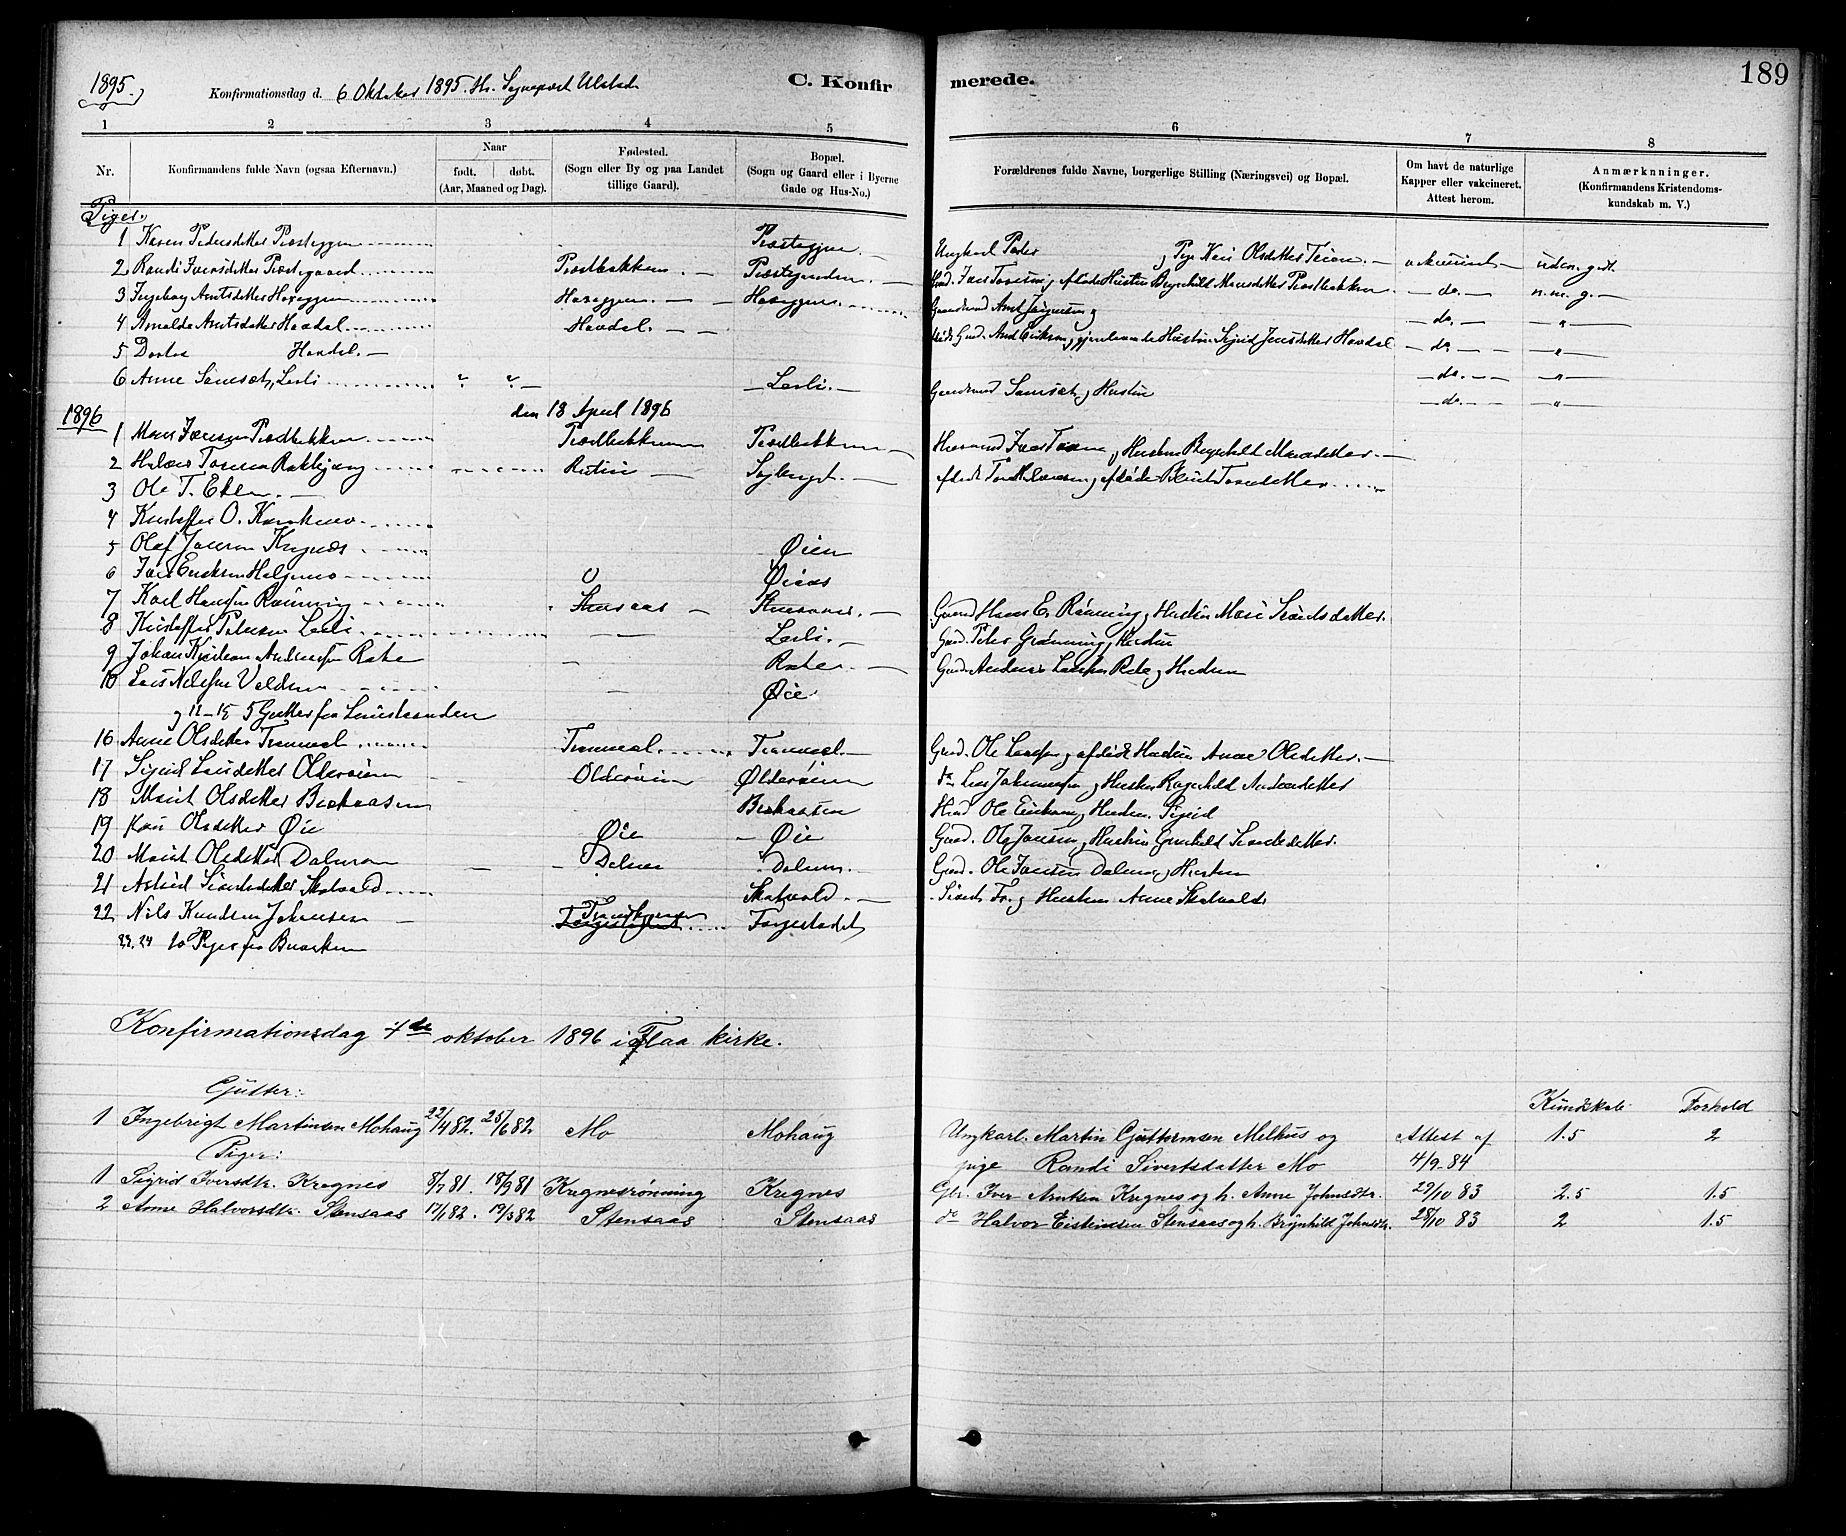 SAT, Ministerialprotokoller, klokkerbøker og fødselsregistre - Sør-Trøndelag, 691/L1094: Klokkerbok nr. 691C05, 1879-1911, s. 189